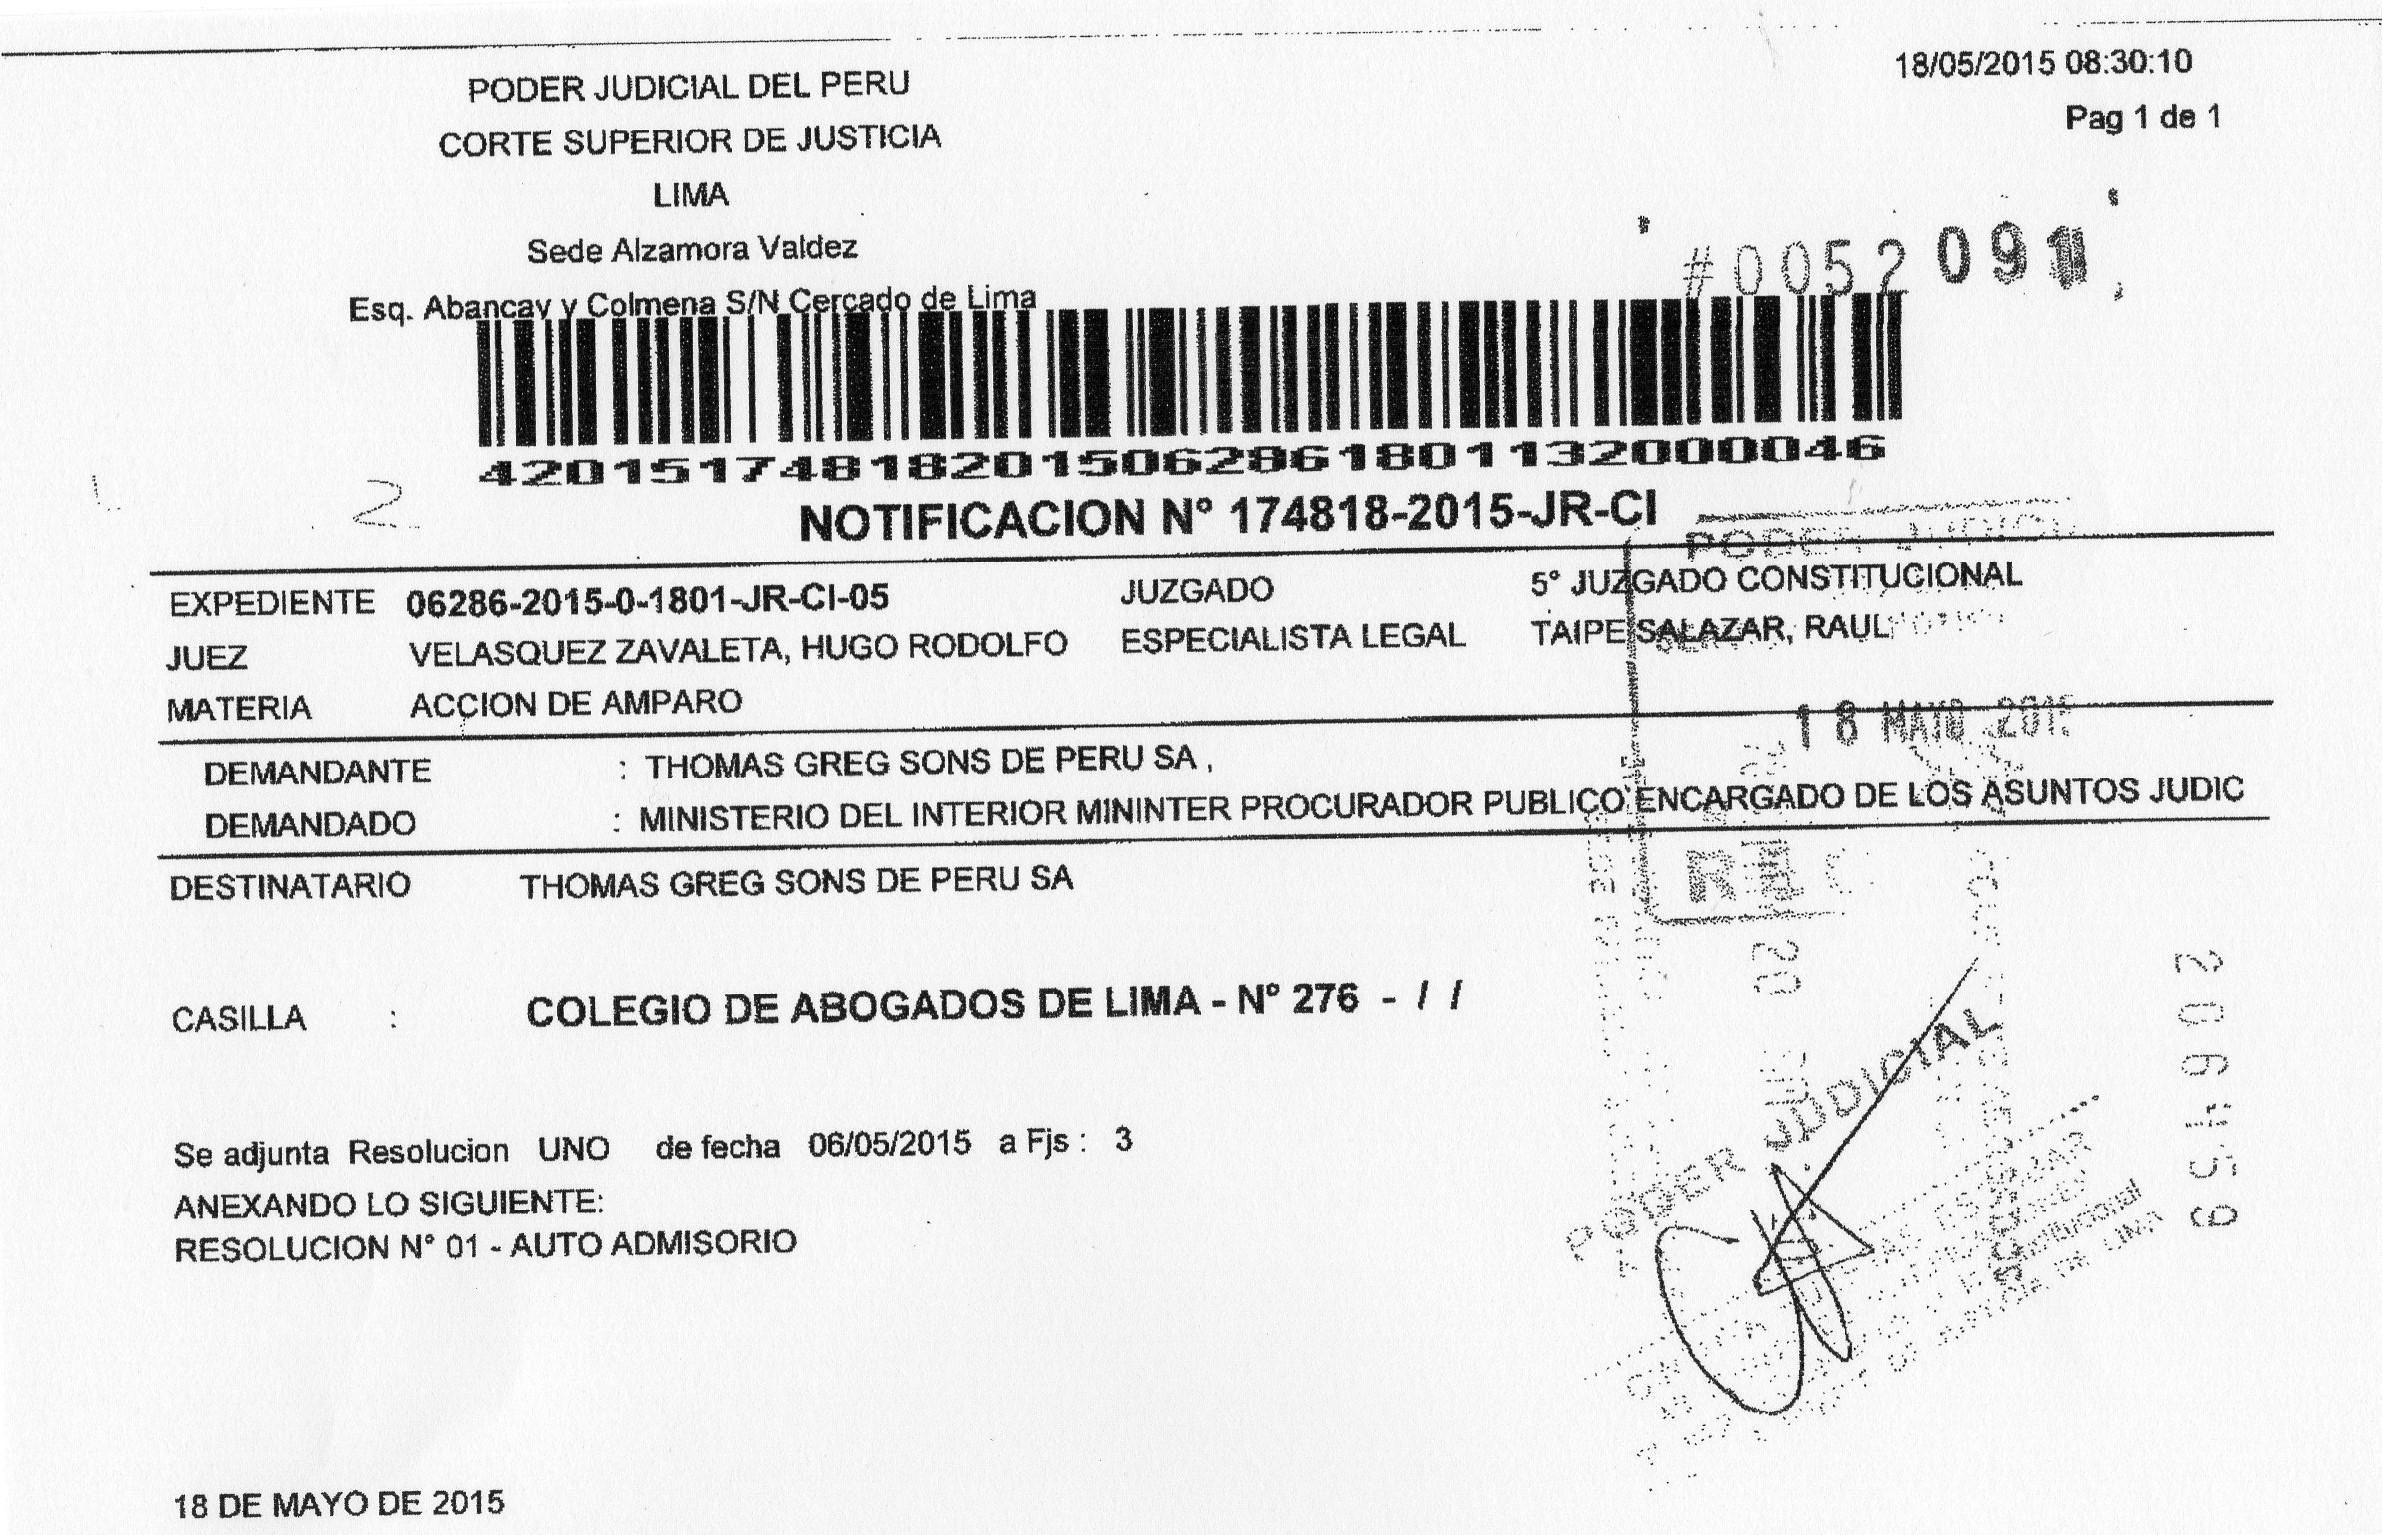 E pasaportes pj admite amparo contra mininter y for Ministerio del interior peru